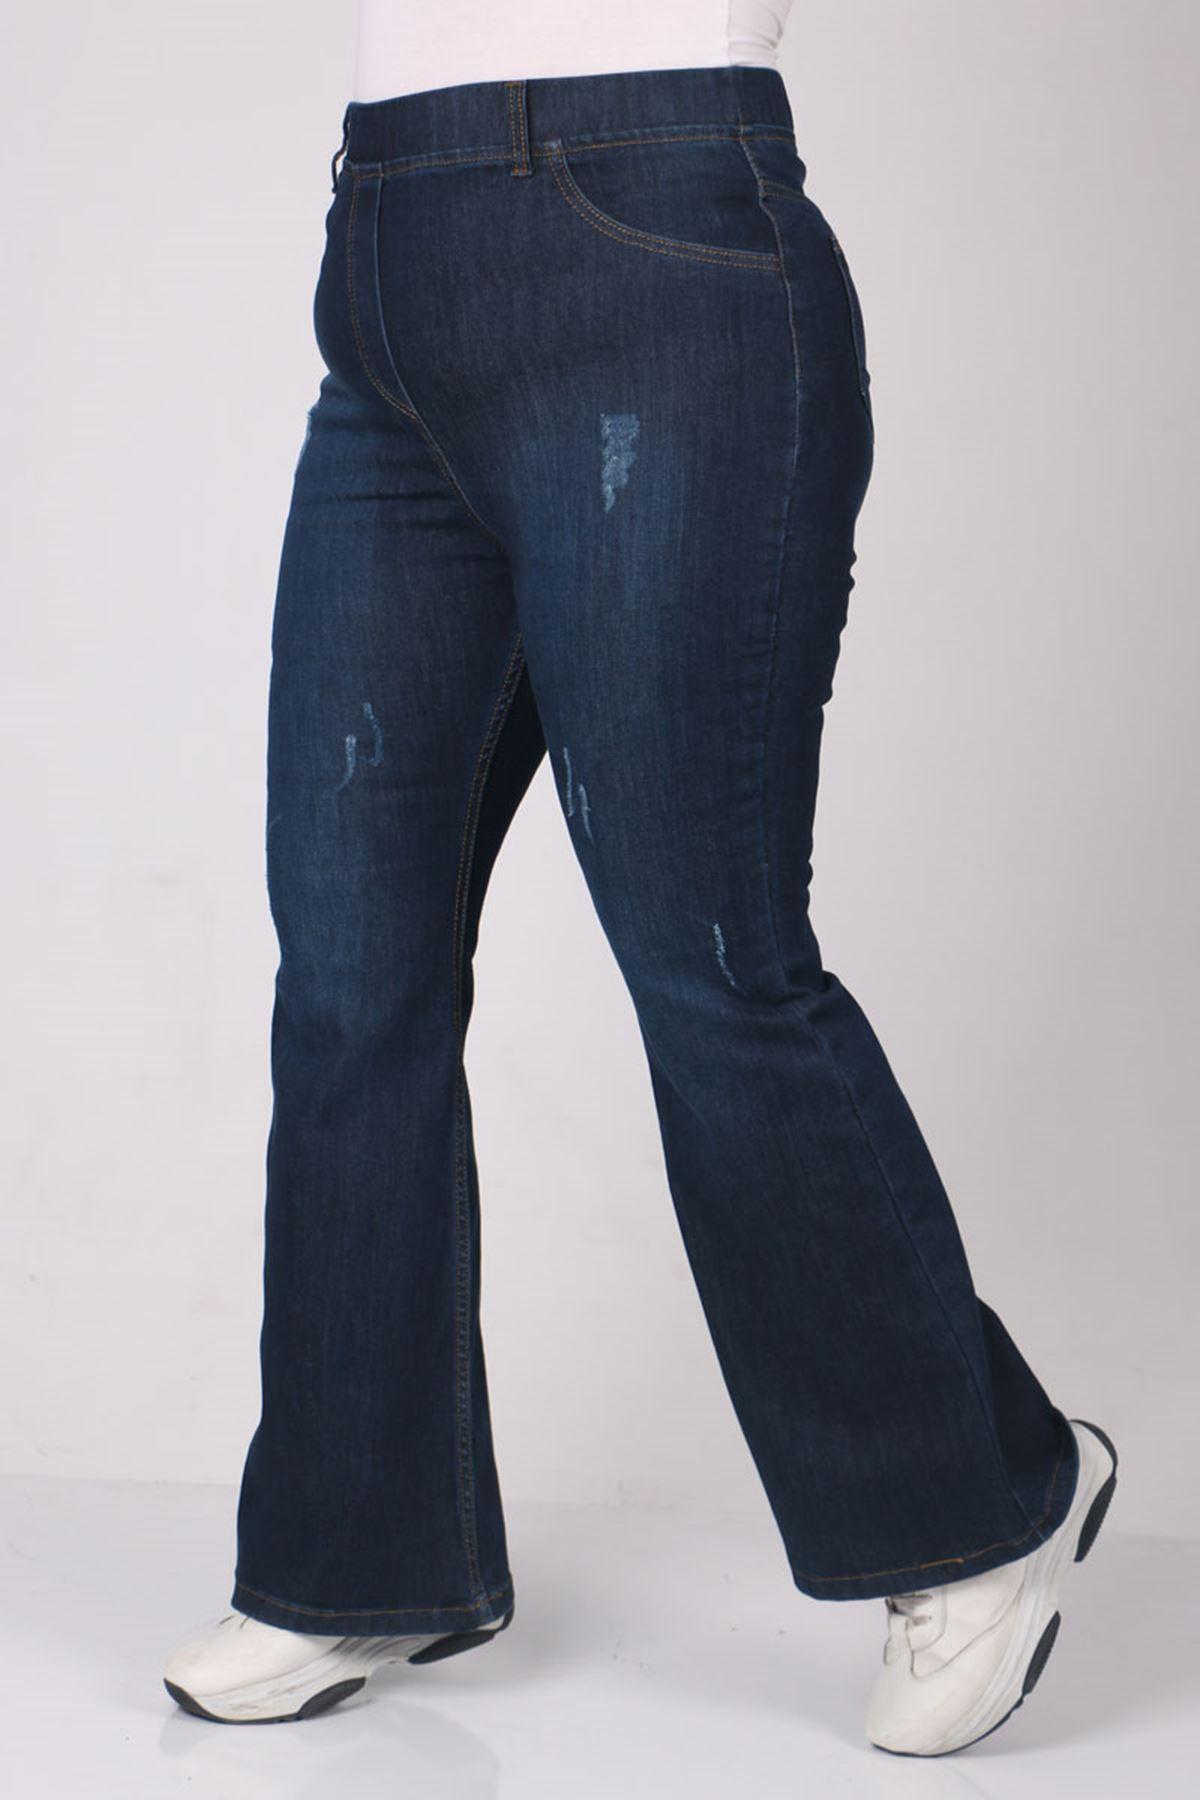 9137-3 Büyük Beden Beli Lastikli Tırnaklı İspanyol Paça Kot Pantalon-Koyu Lacivert